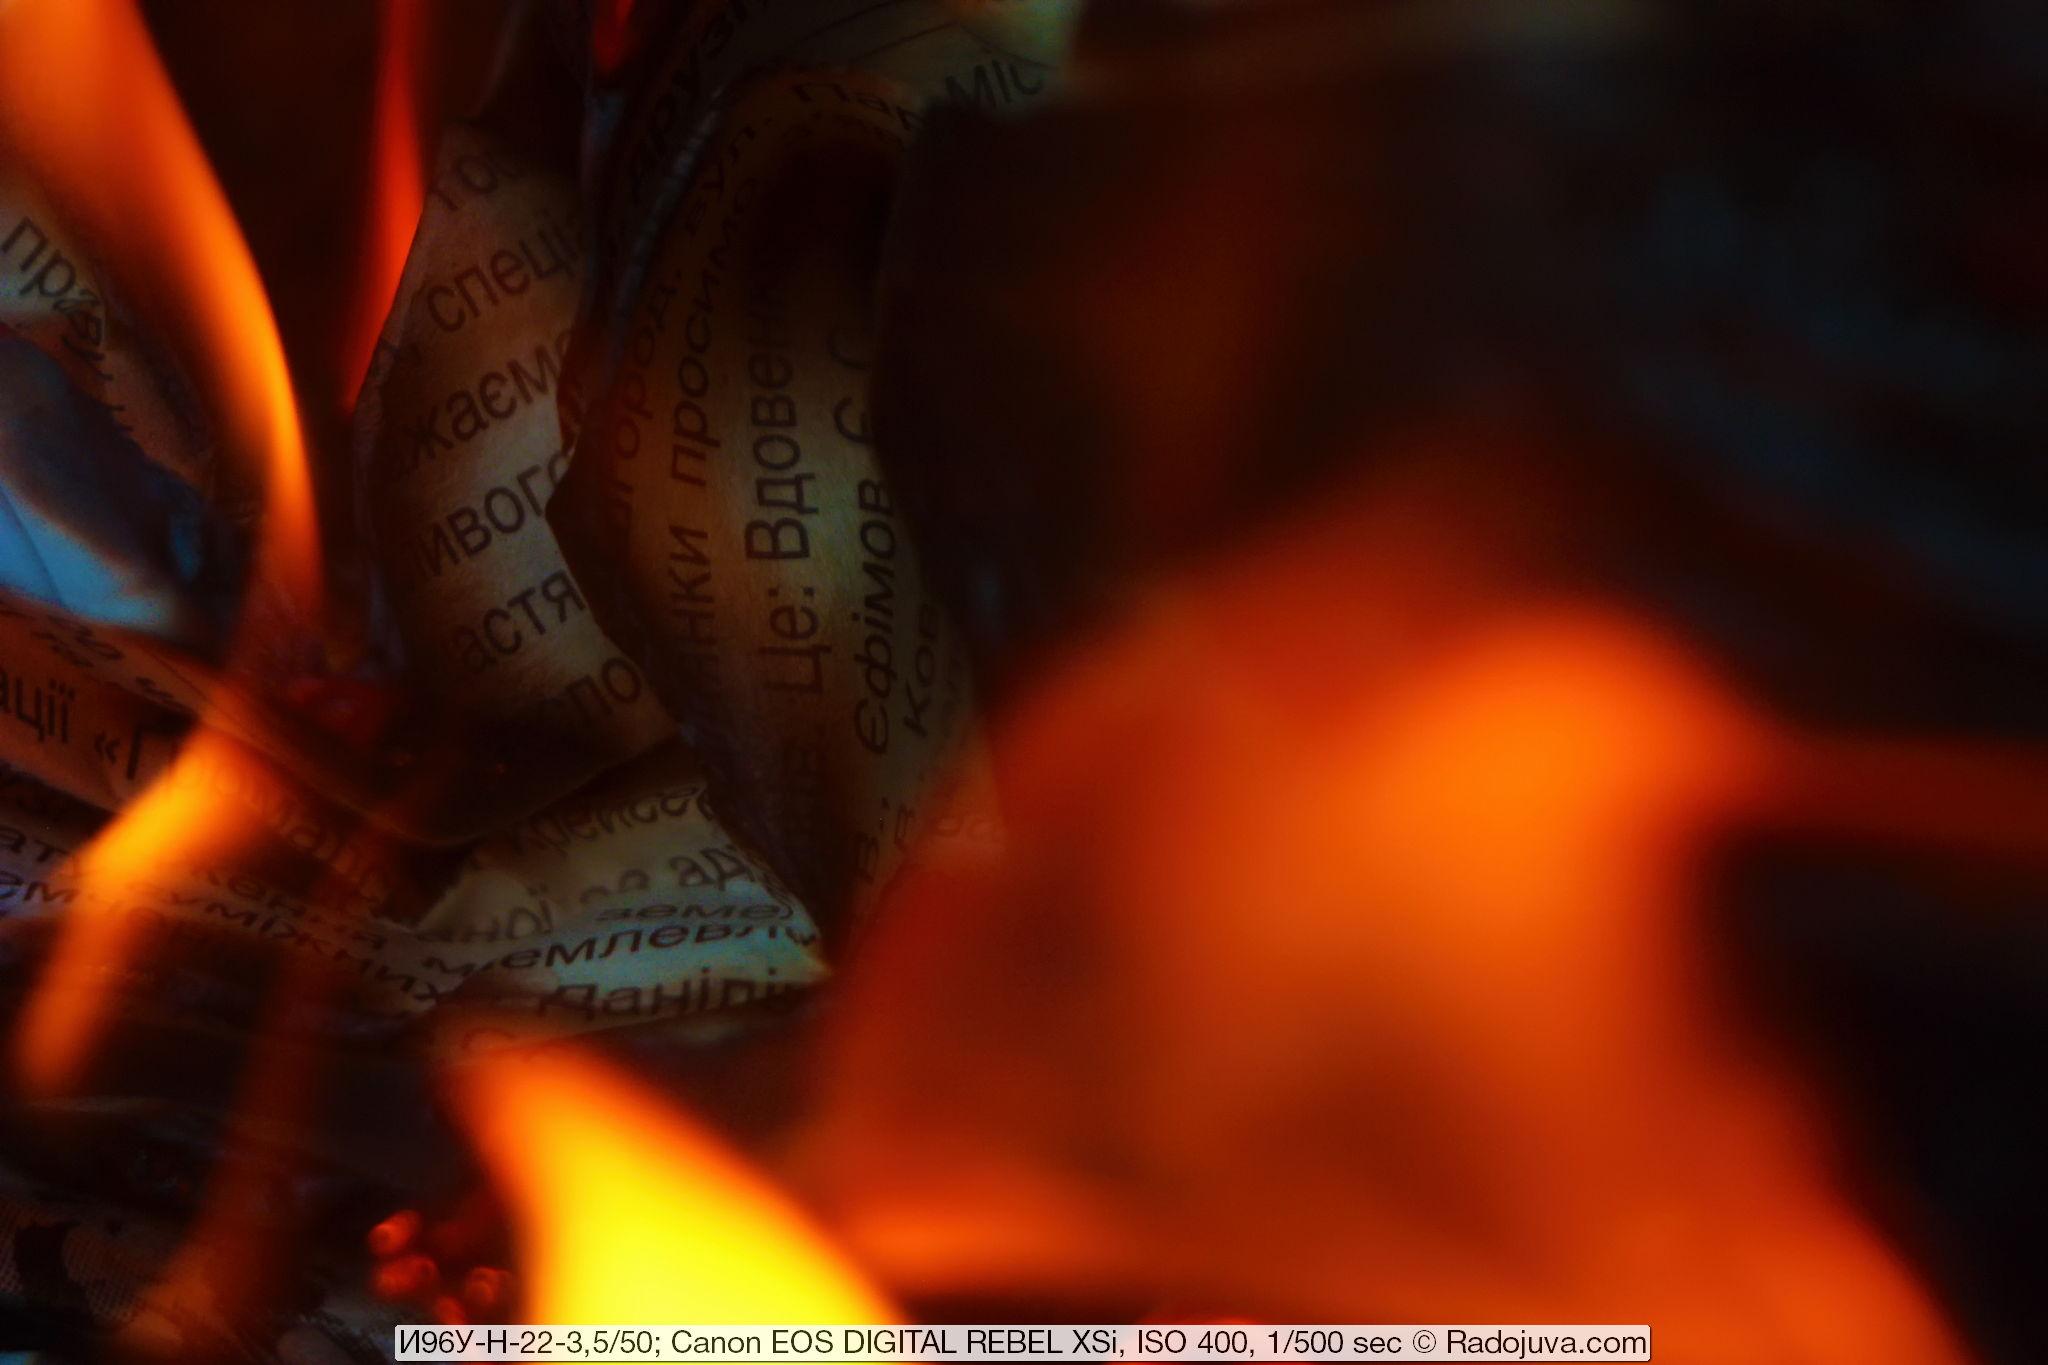 Пример фотографии на объектив от фотоувеличителя И96У-Н-22-3,5/50